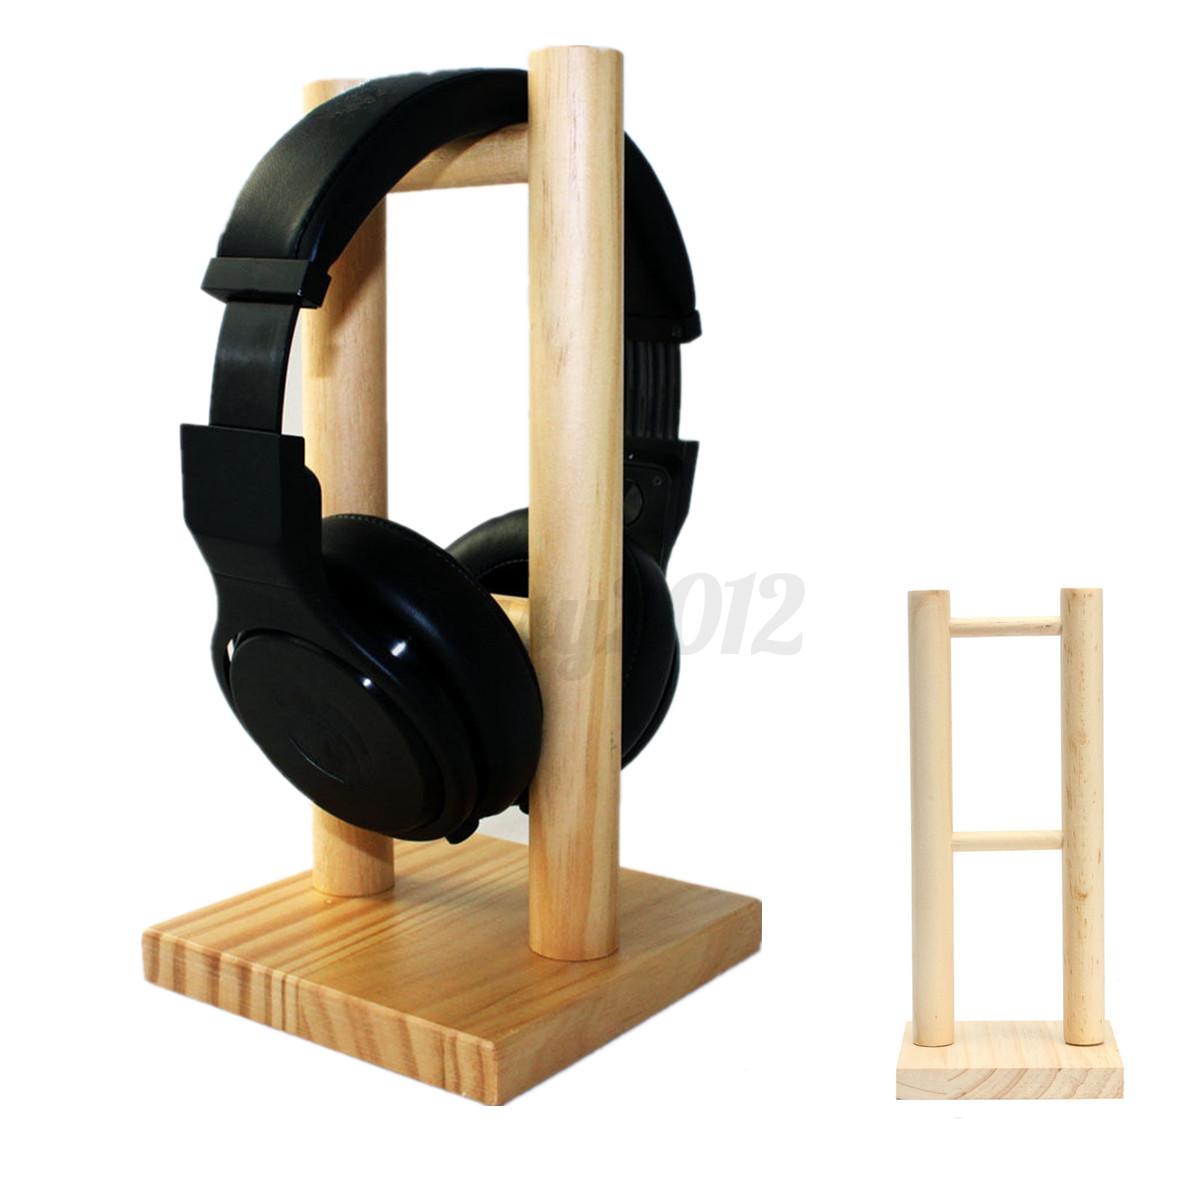 Wooden headset earphone headphone h shape display stand hanger holder rack ebay - Wooden headphone holder ...